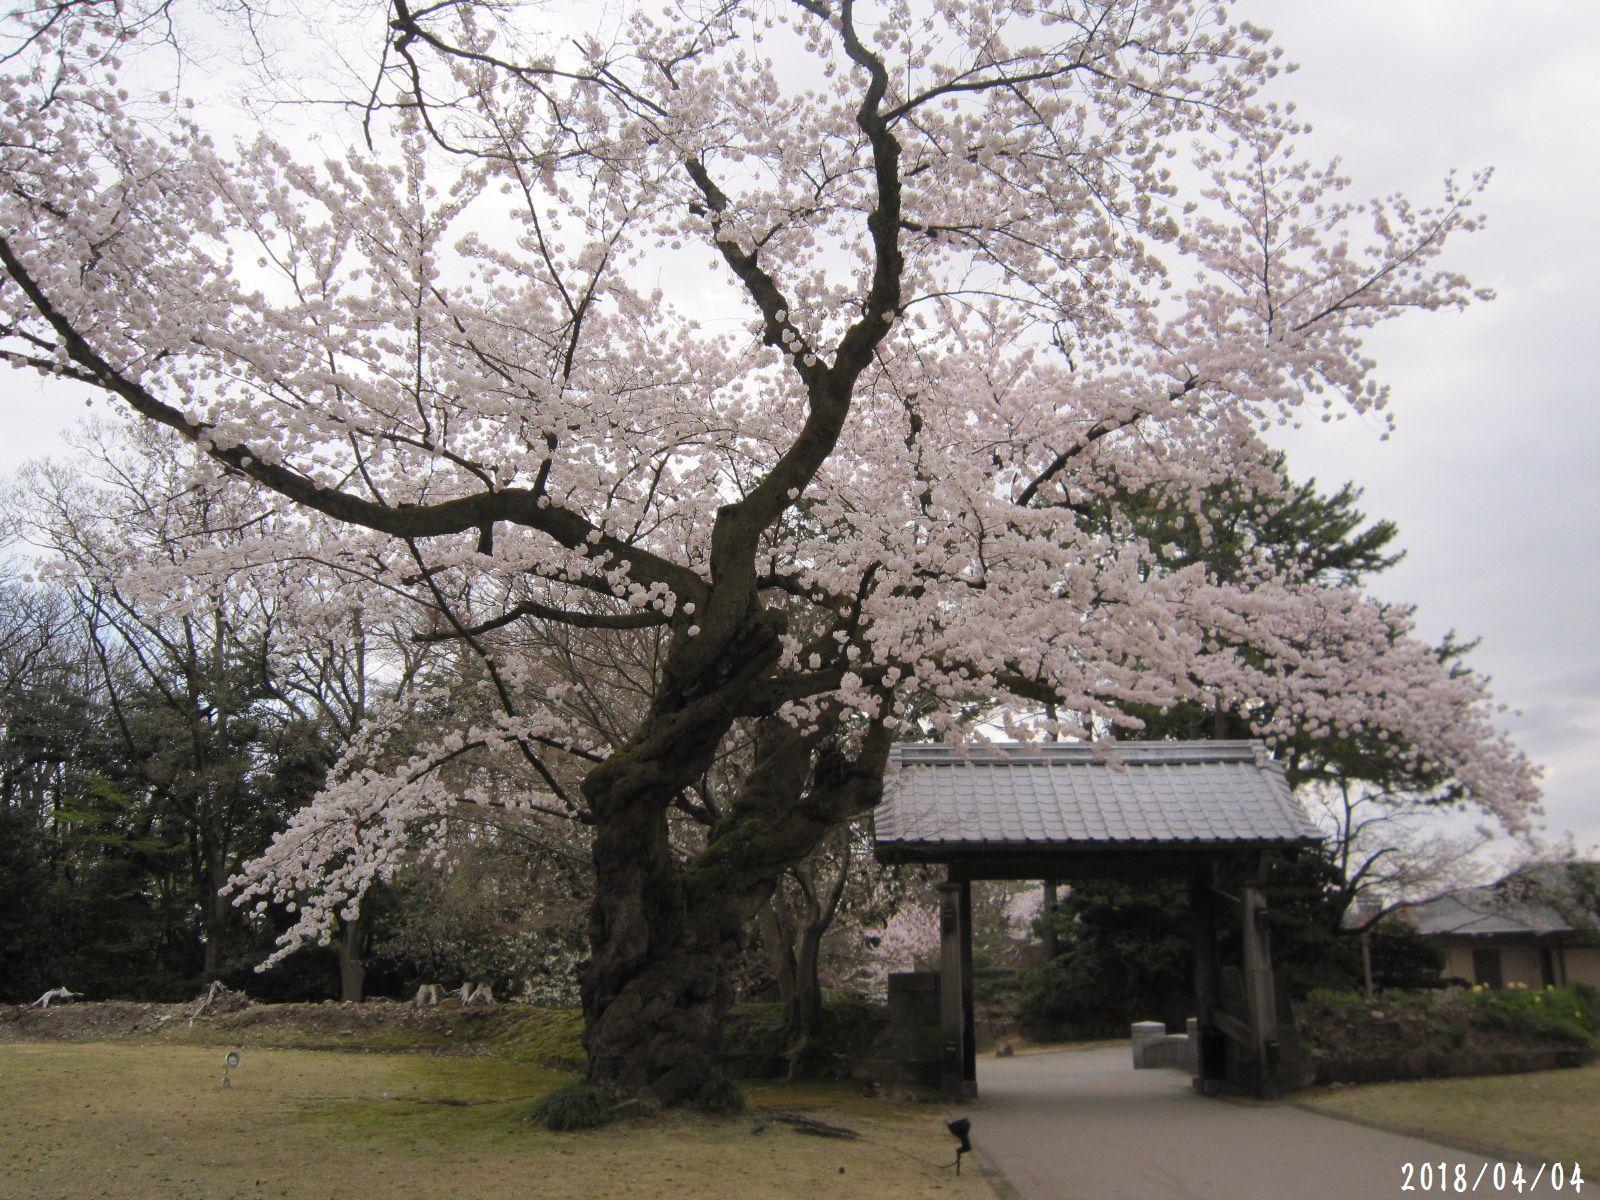 桜だより❀ 満開です❀ (4月7日 追記あり)  _a0207574_16502280.jpg